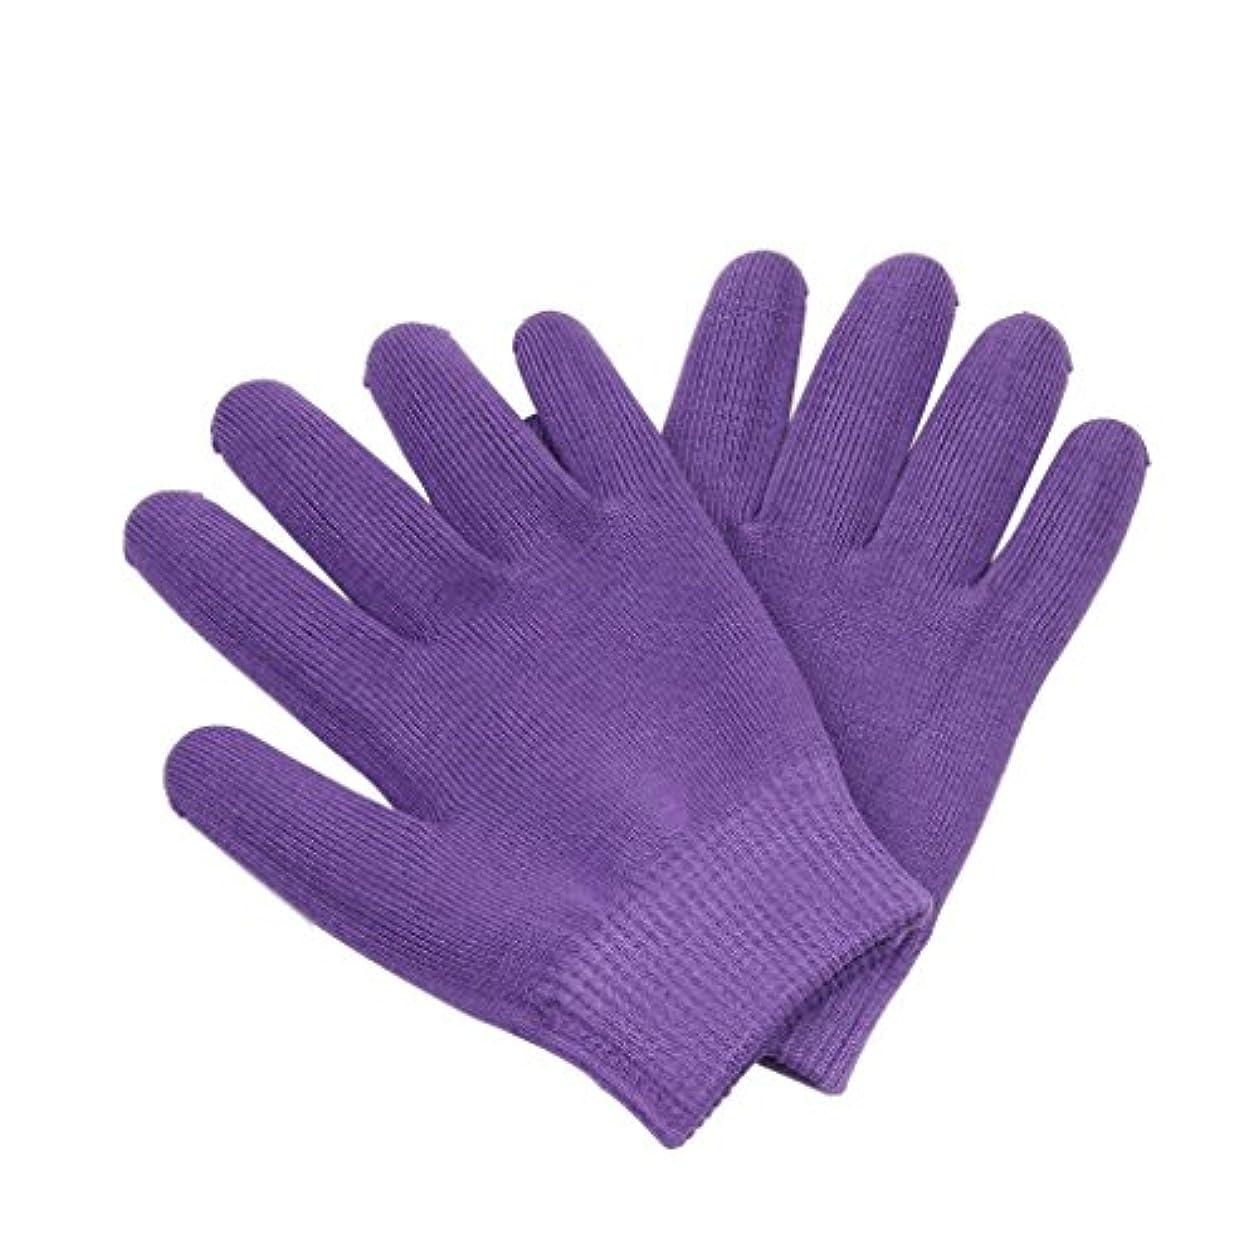 クラシック退屈なアレイ保湿手袋 おやすみ手袋 就寝用 手袋 手湿疹 肌荒れ 乾燥防止 乾燥肌 手荒れ 保湿 スキンケア 全3色選べ - 紫